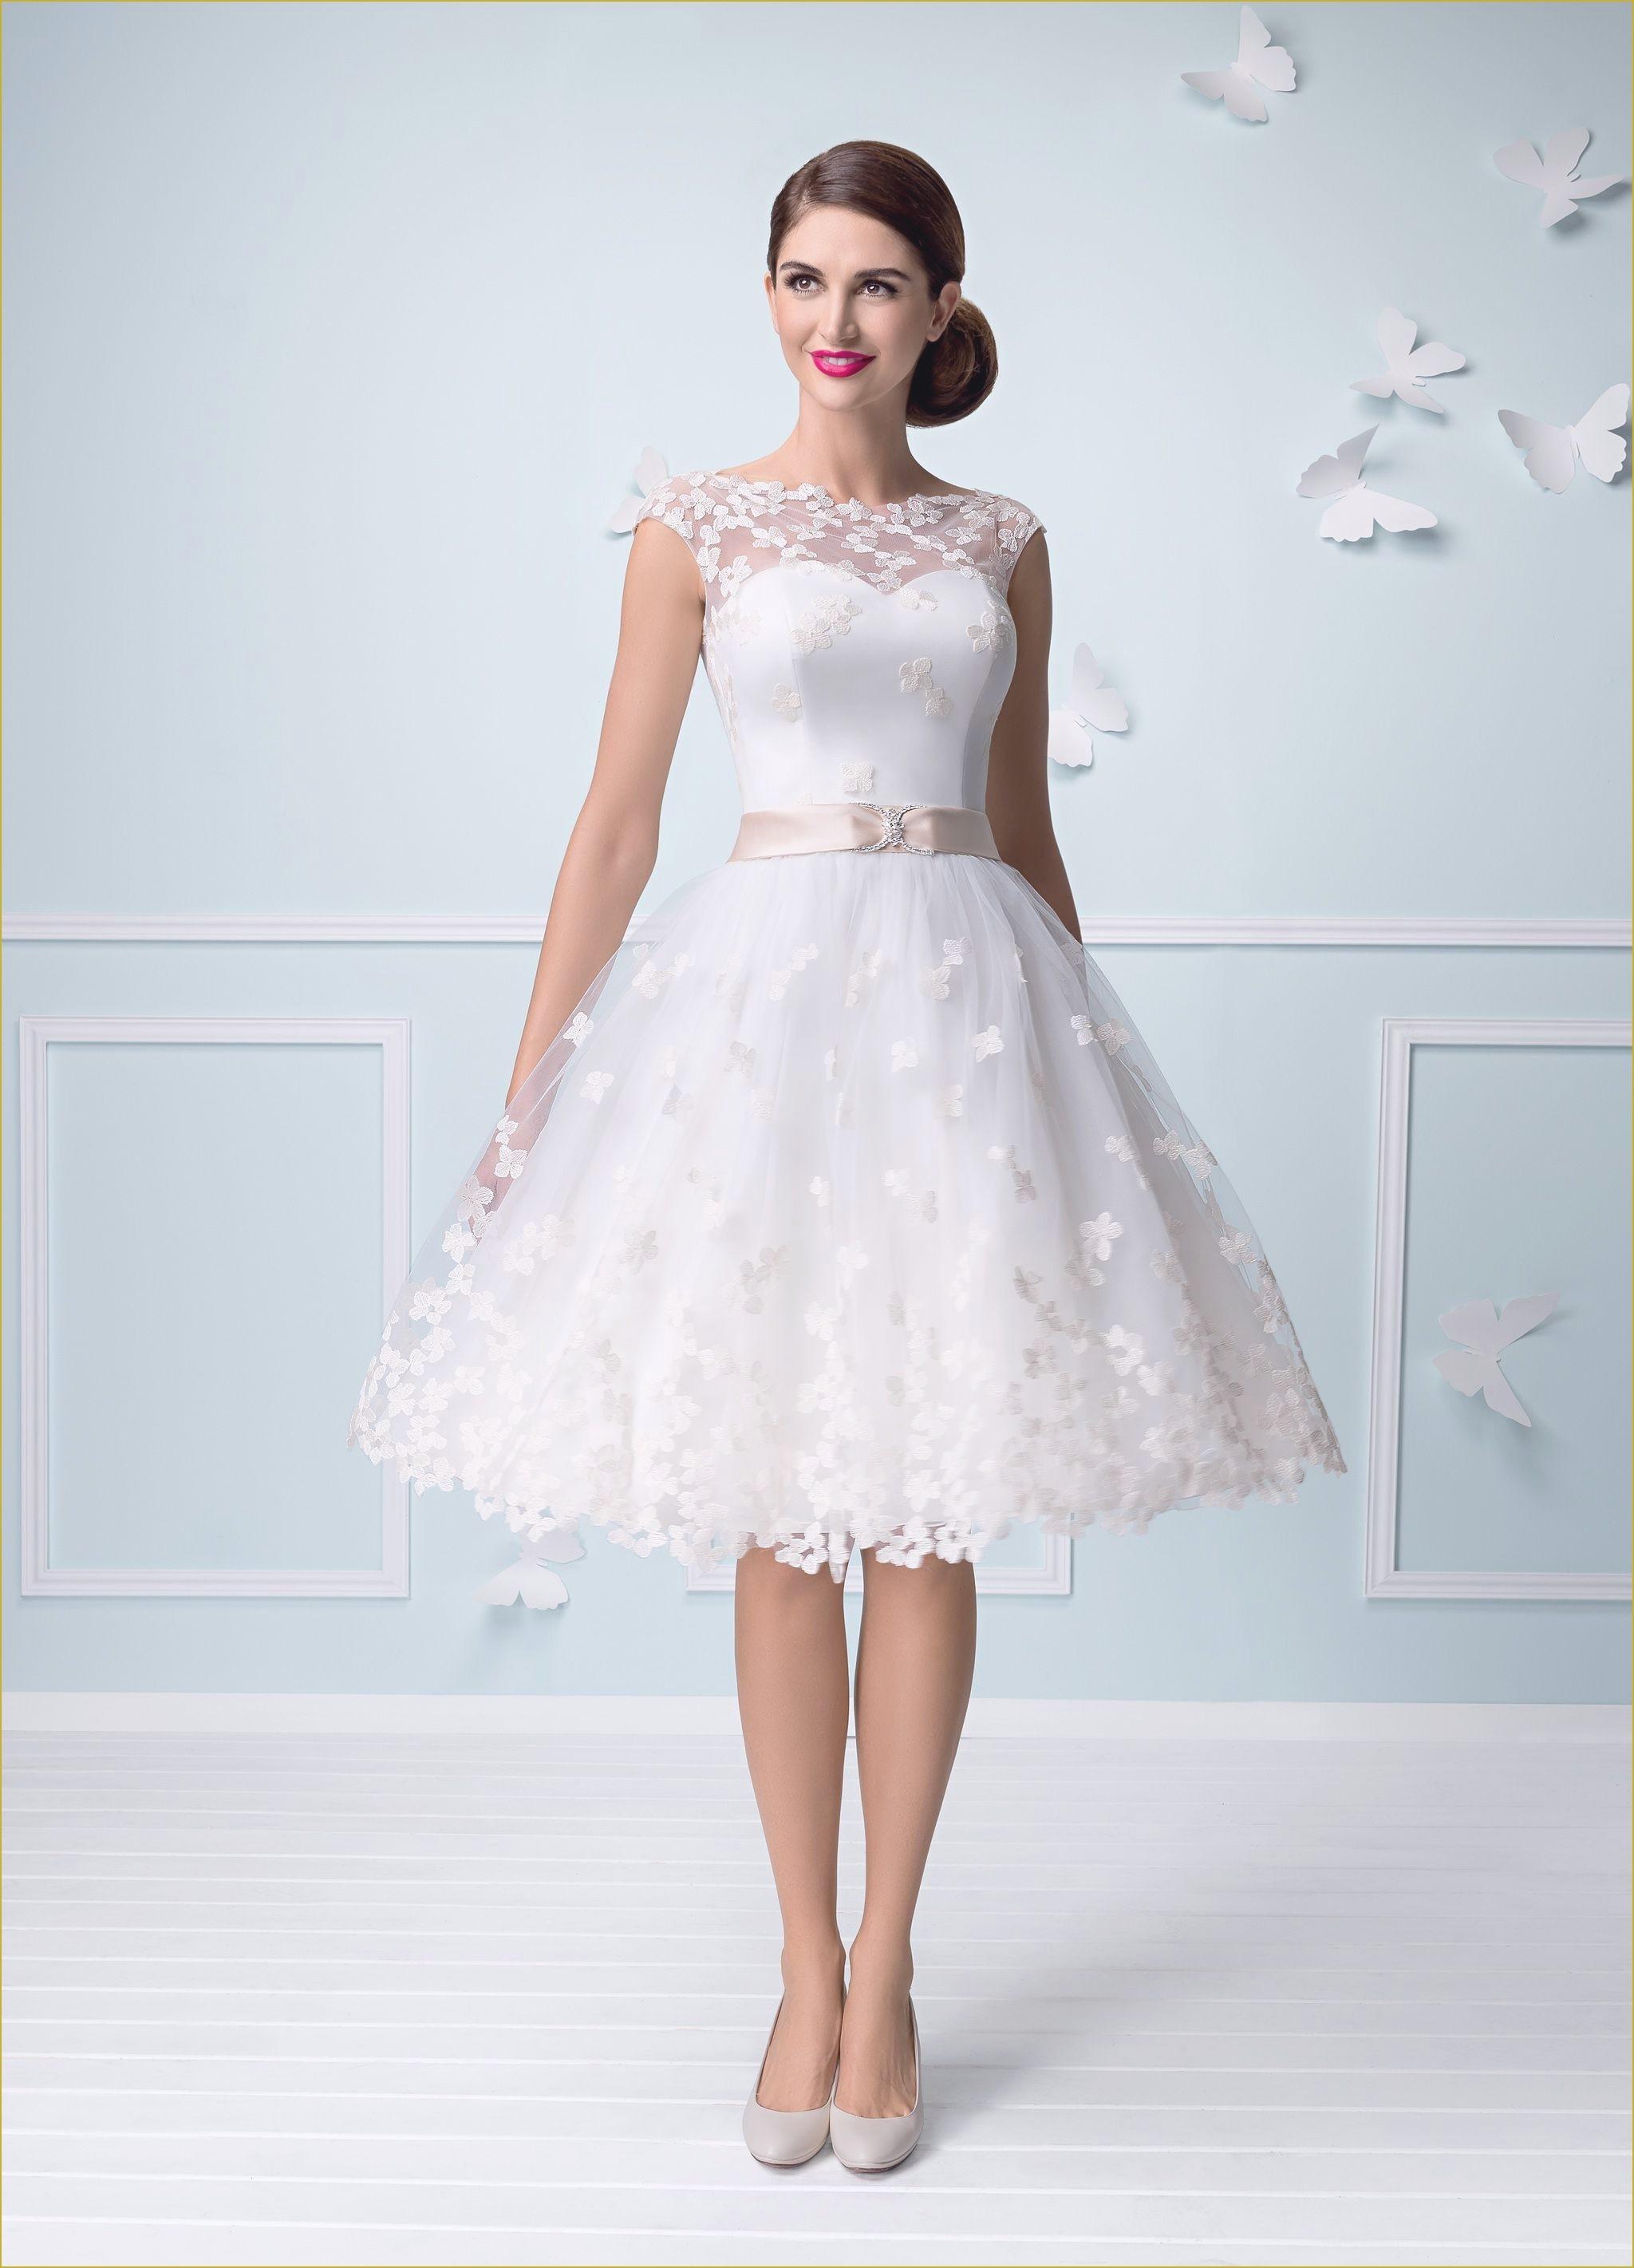 17 Wunderbar Kleider Für Die Hochzeit BoutiqueDesigner Einzigartig Kleider Für Die Hochzeit Boutique